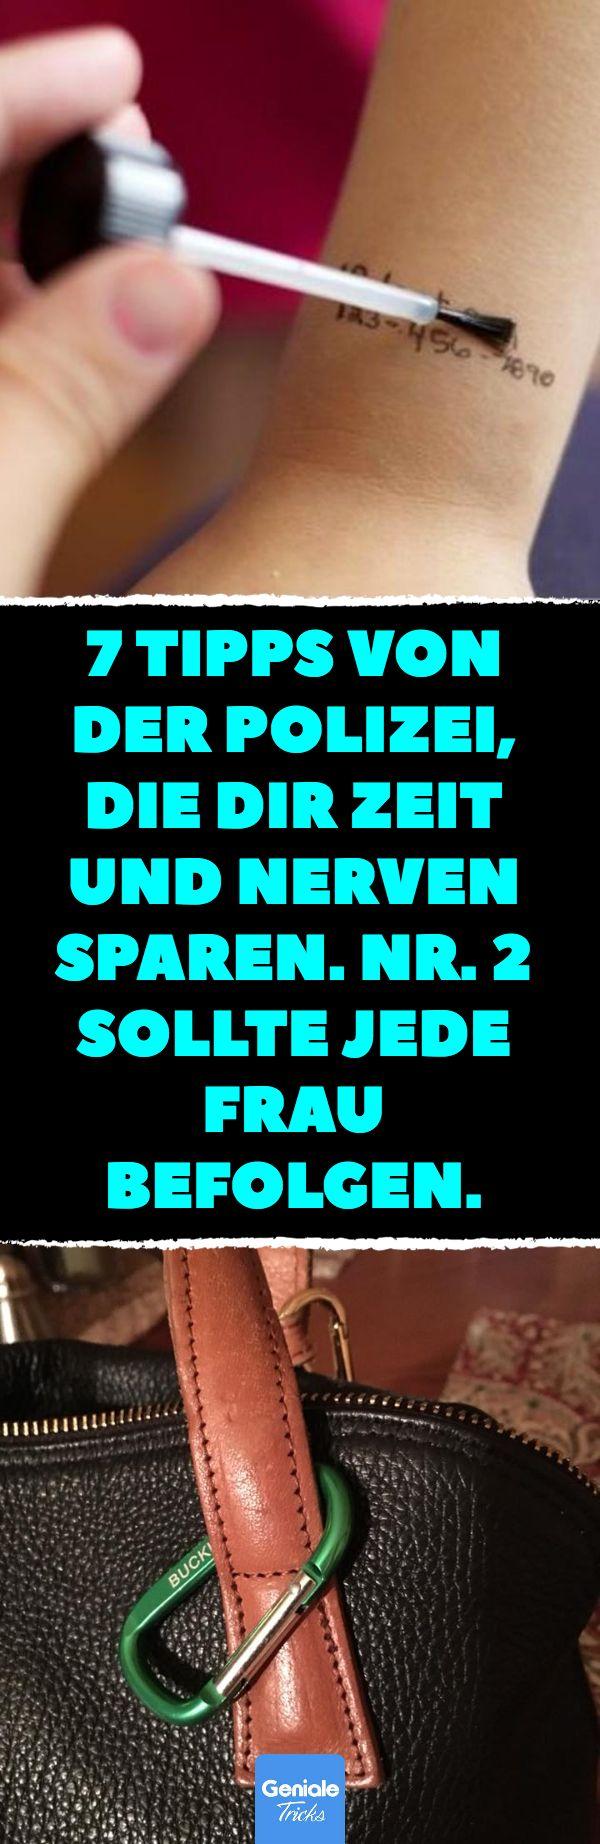 7 Tipps von der Polizei, die dir Zeit und Nerven sparen. Nr. 2 sollte jede Frau befolgen. 7 Tipps von der Polizei, um dich im Notfall zu schützen. #polizei #diebstahl #notfall #schutz #verkehrskontrolle #kind #strafzettel – Geniale Tricks